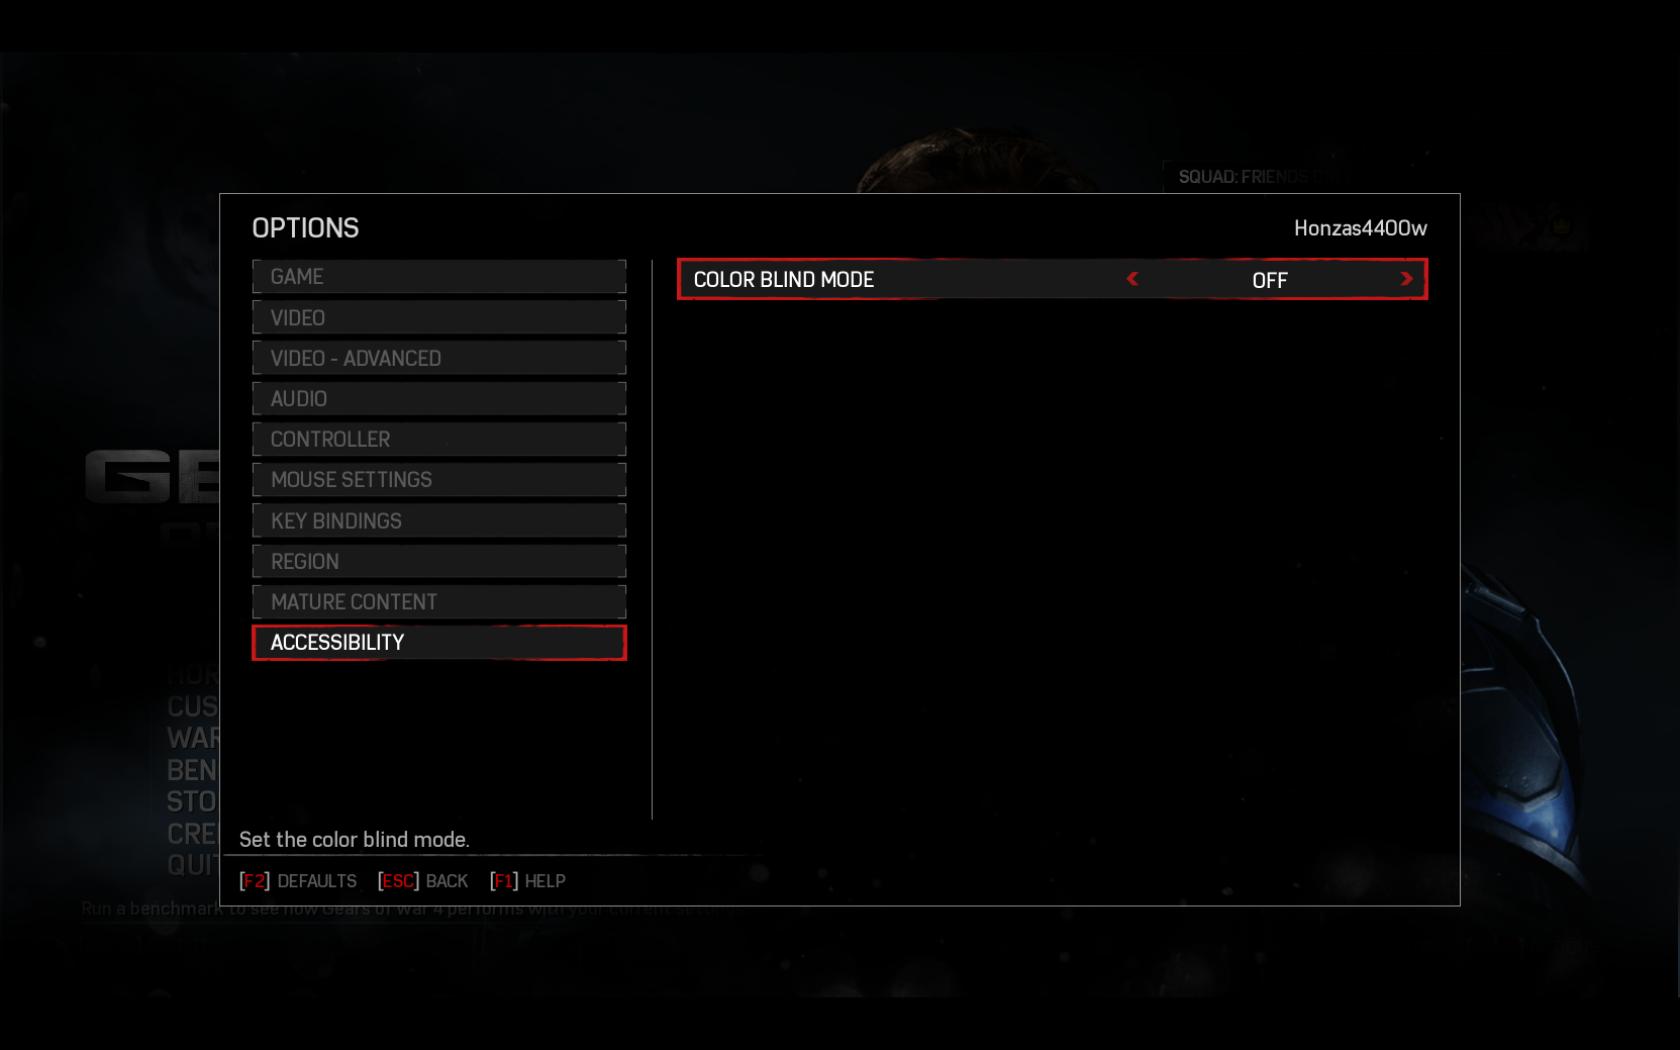 PC verze Gears of War 4 si zaslouží velkou pochvalu 131670